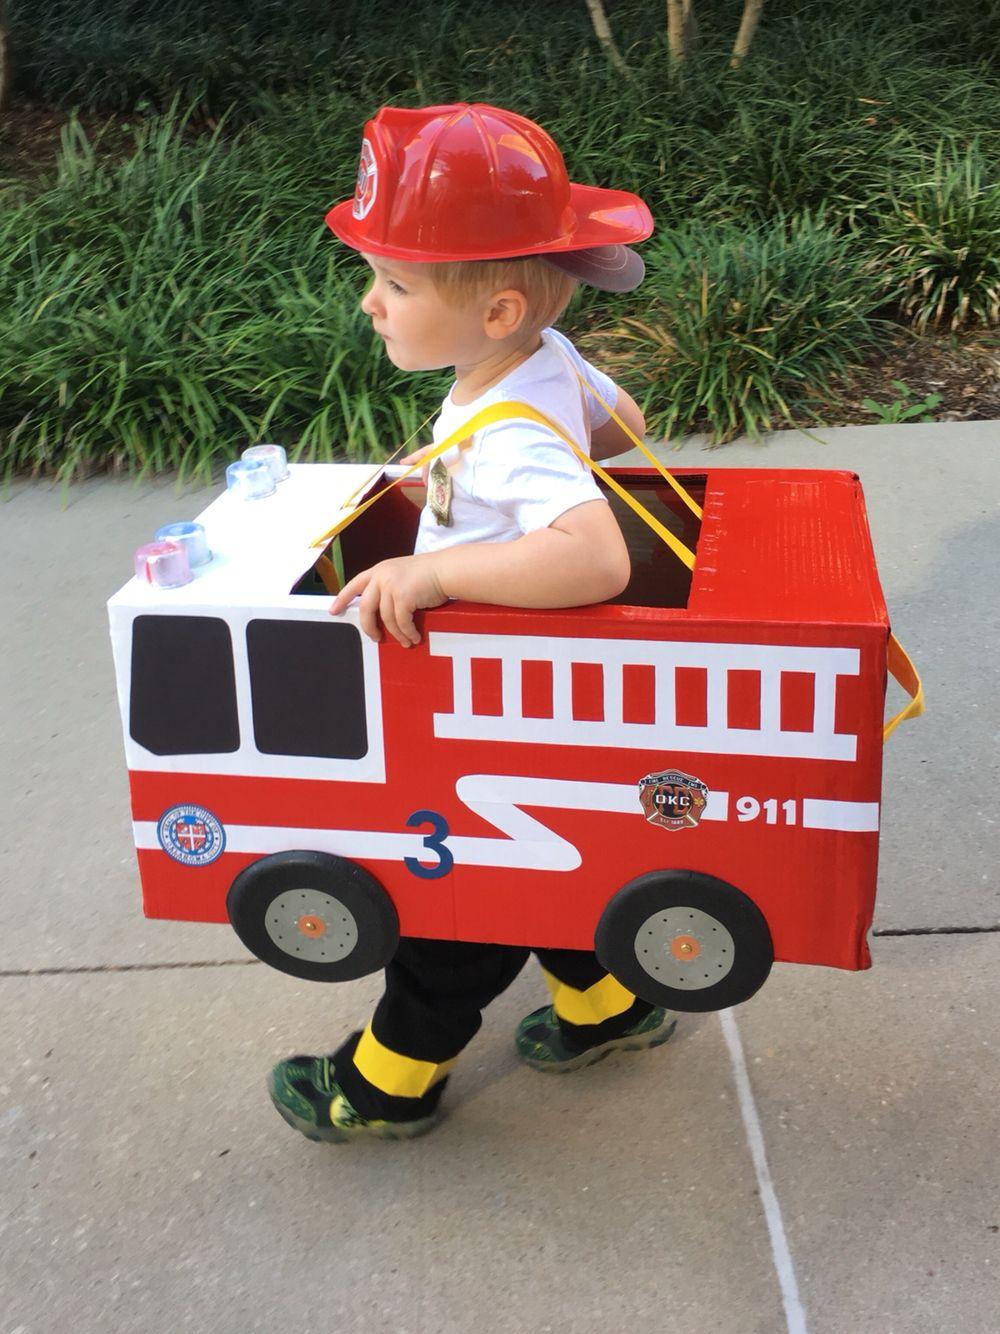 Toddler preschool boy fireman fire truck Halloween costume cardboard box fire truck